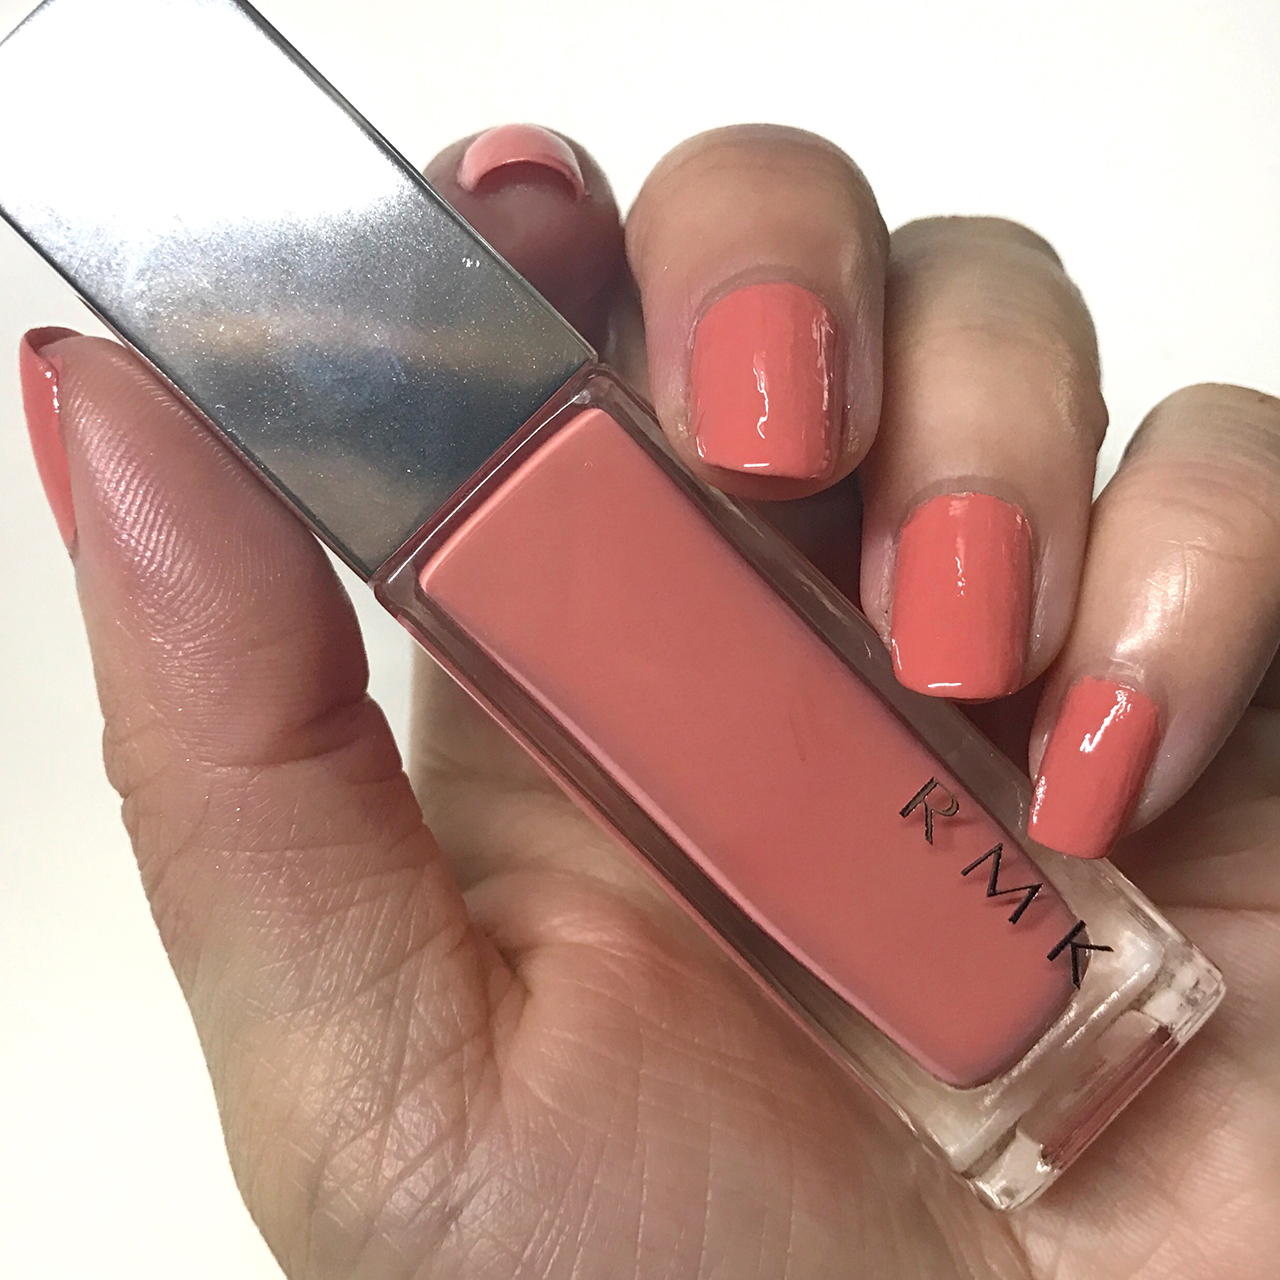 RMK Nail Polish 21(CL) Salmon Pink